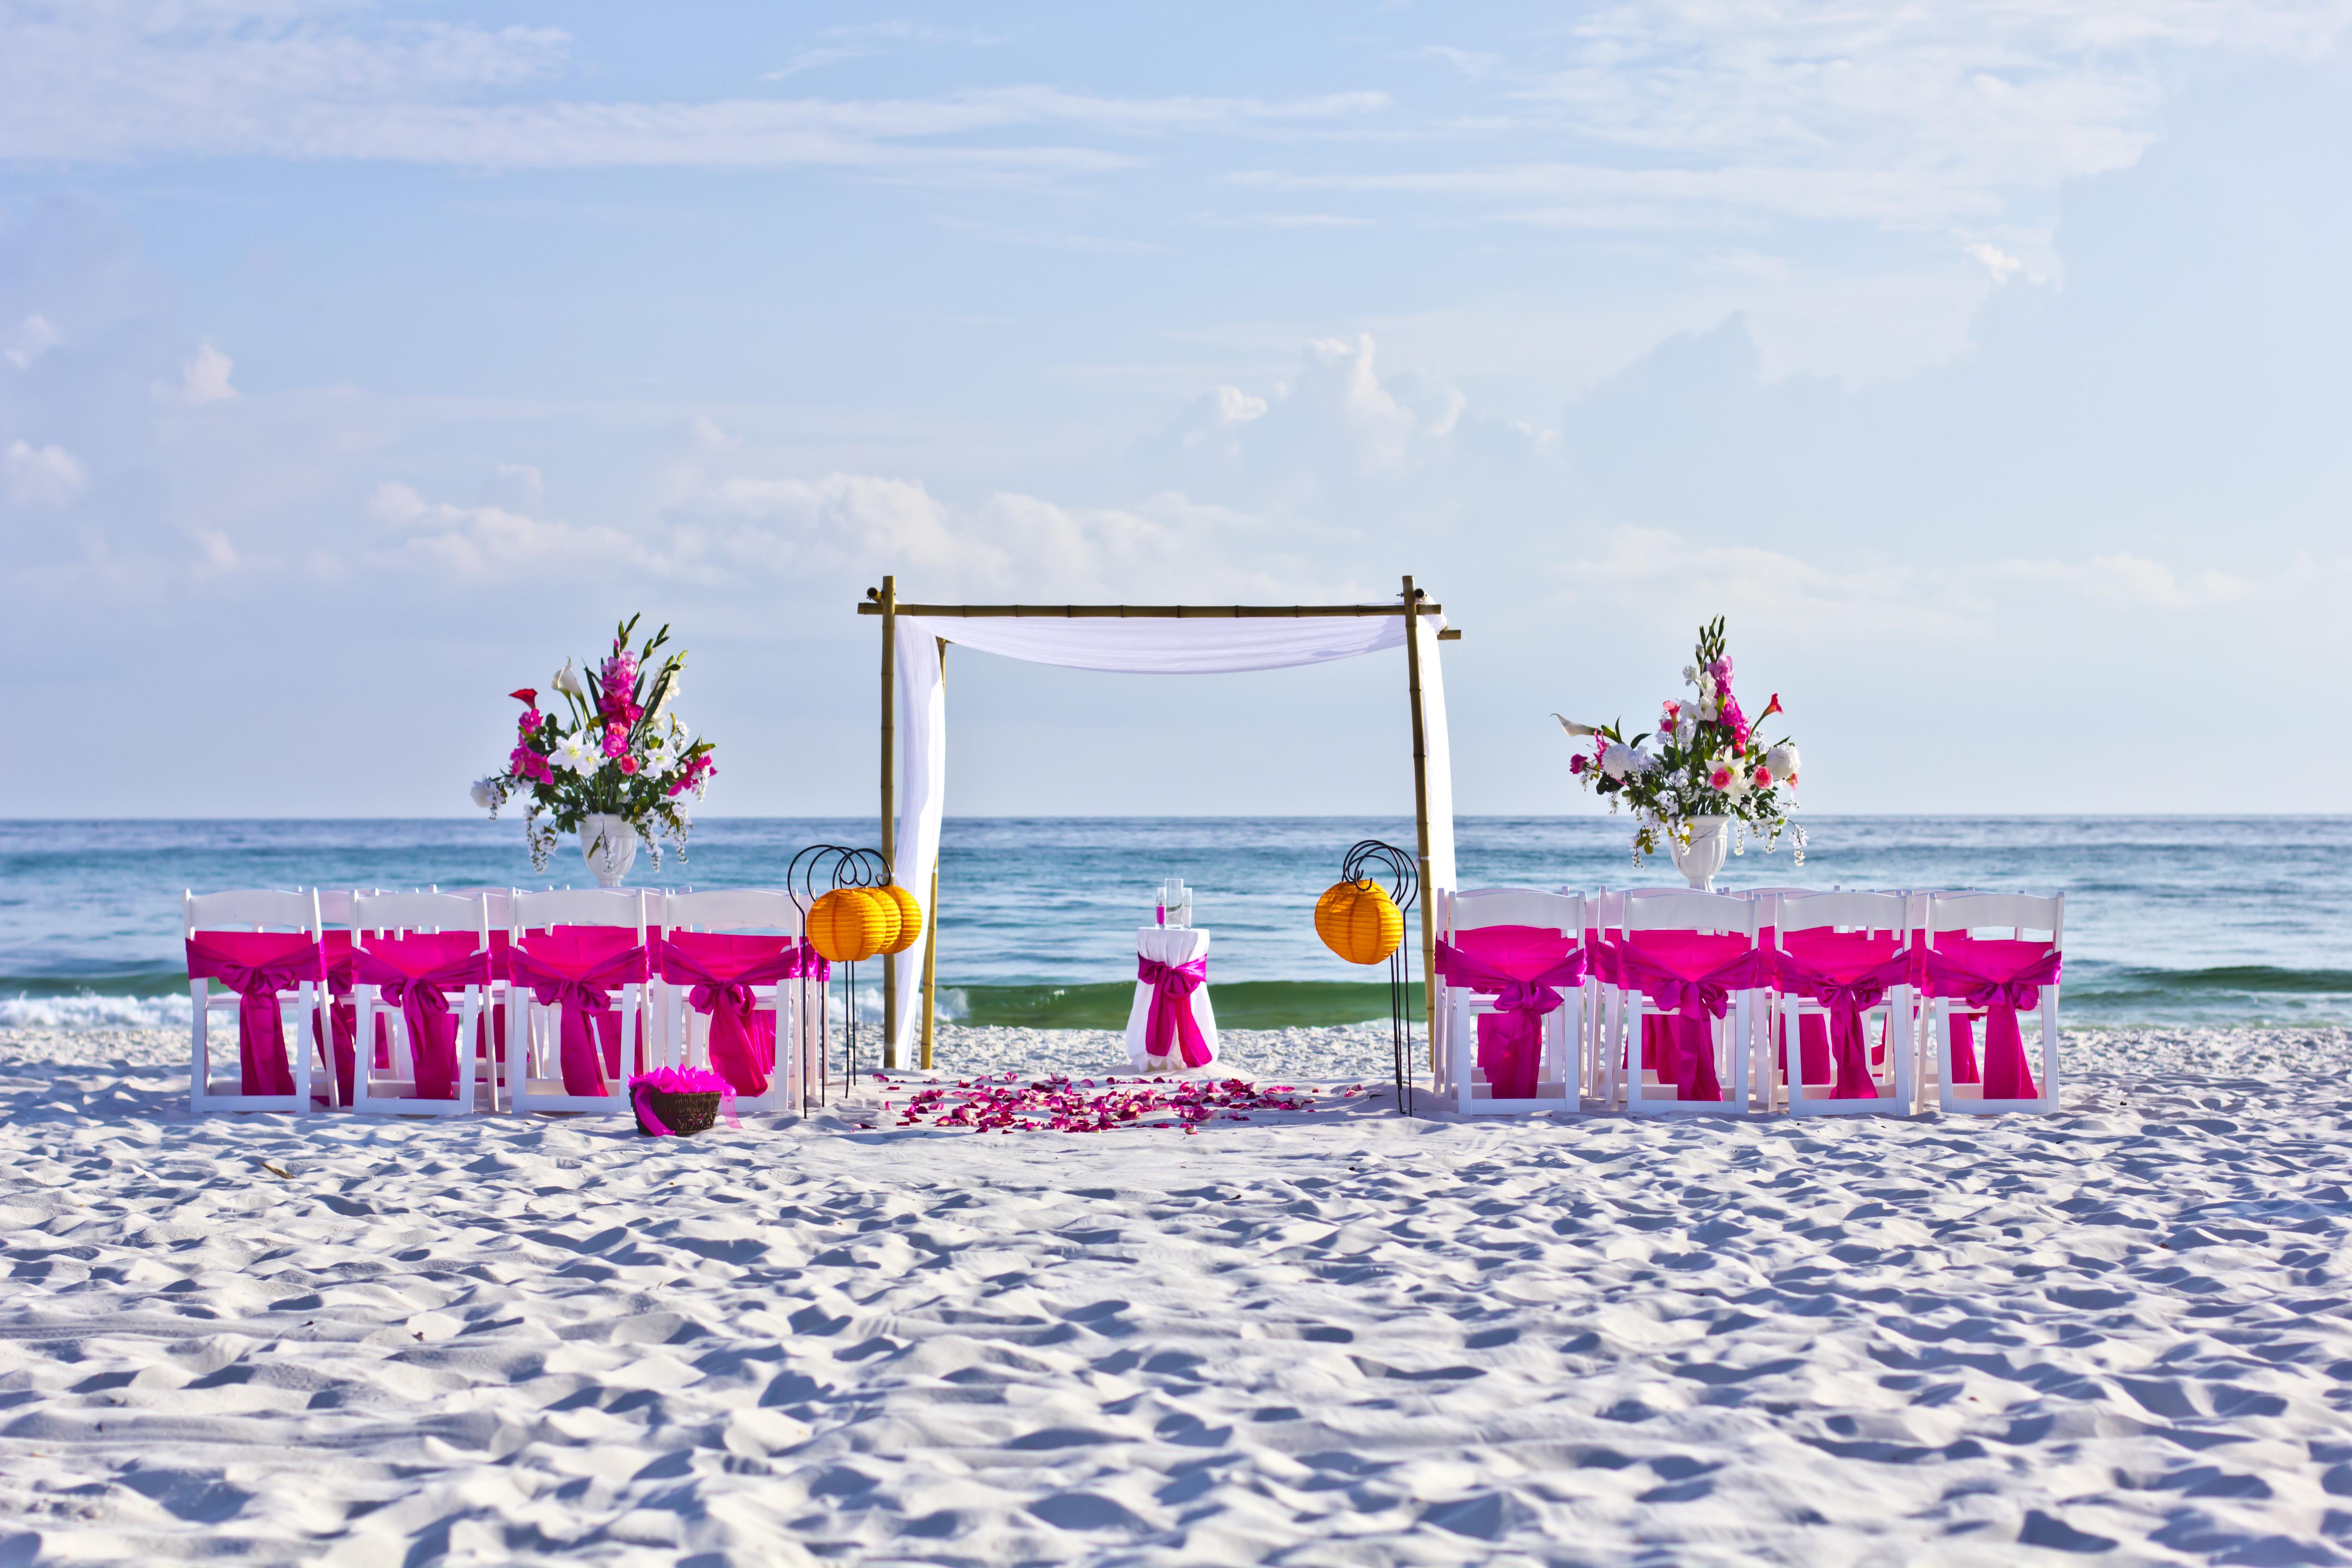 Weddings In Panama | Real Princess Weddings Panama City Beach House Matt And Morgan